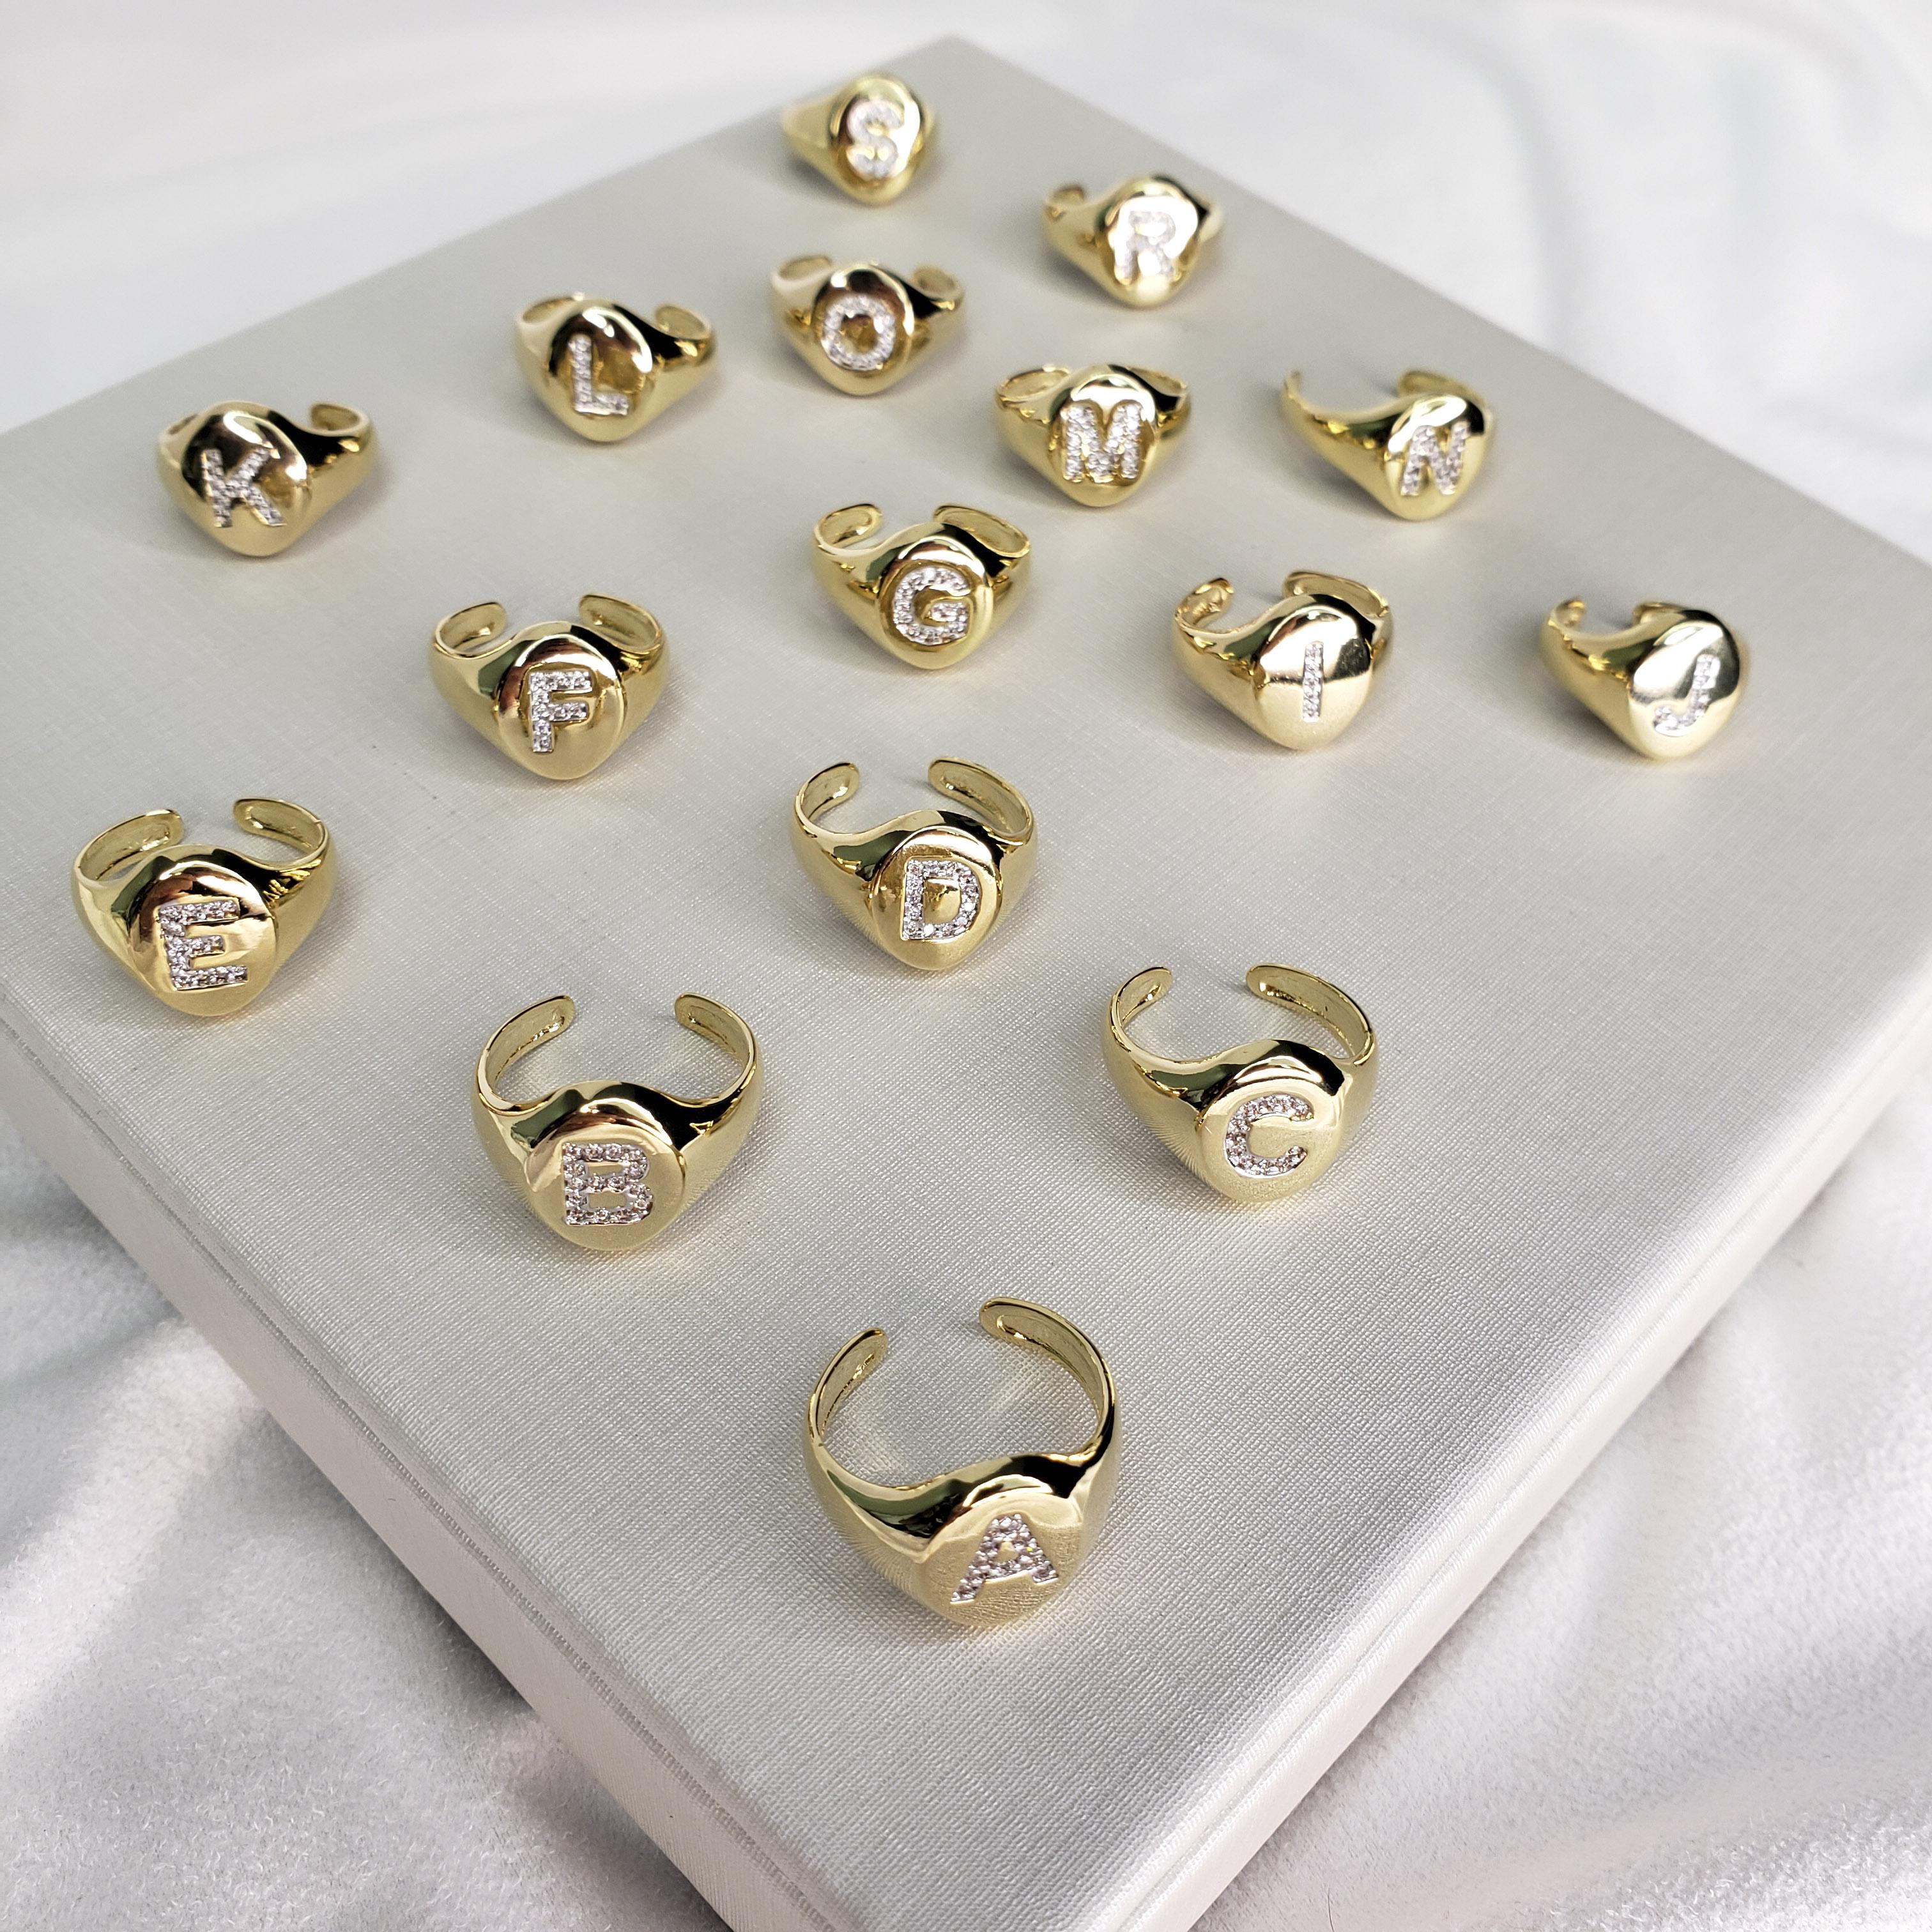 Anel de Dedinho Letra Zircônias Ajustável Aros 10 a 14 Folheado em Ouro